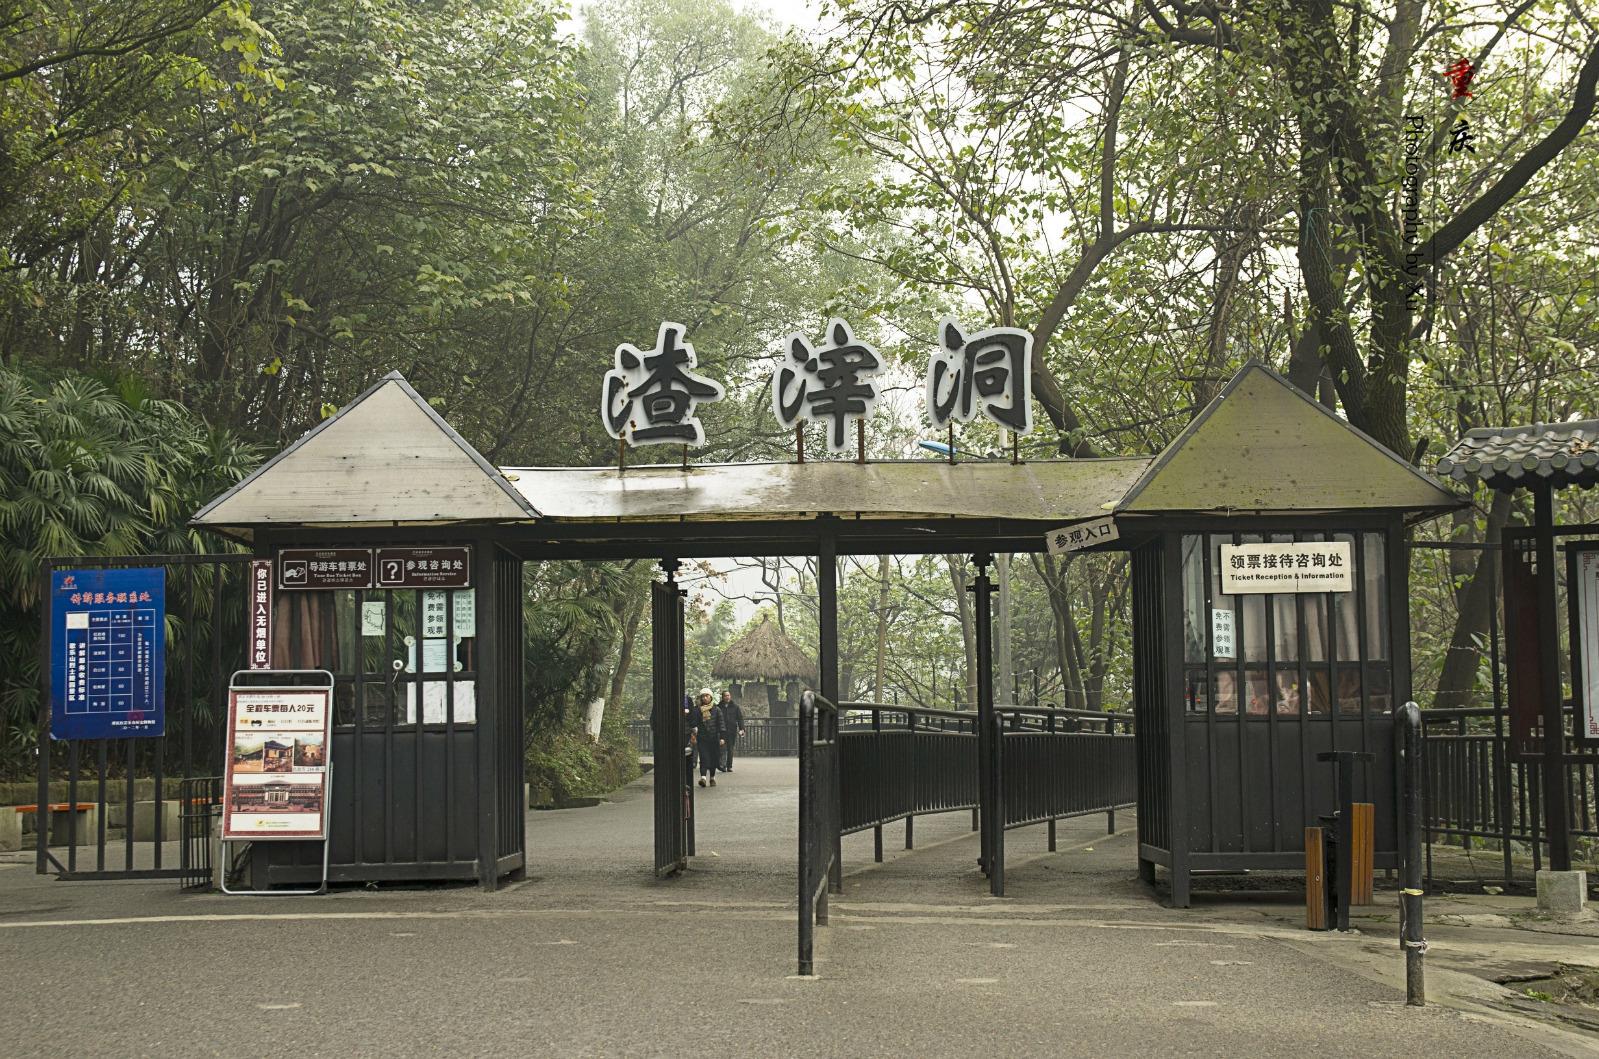 渣滓洞-重庆红色教育培训基地